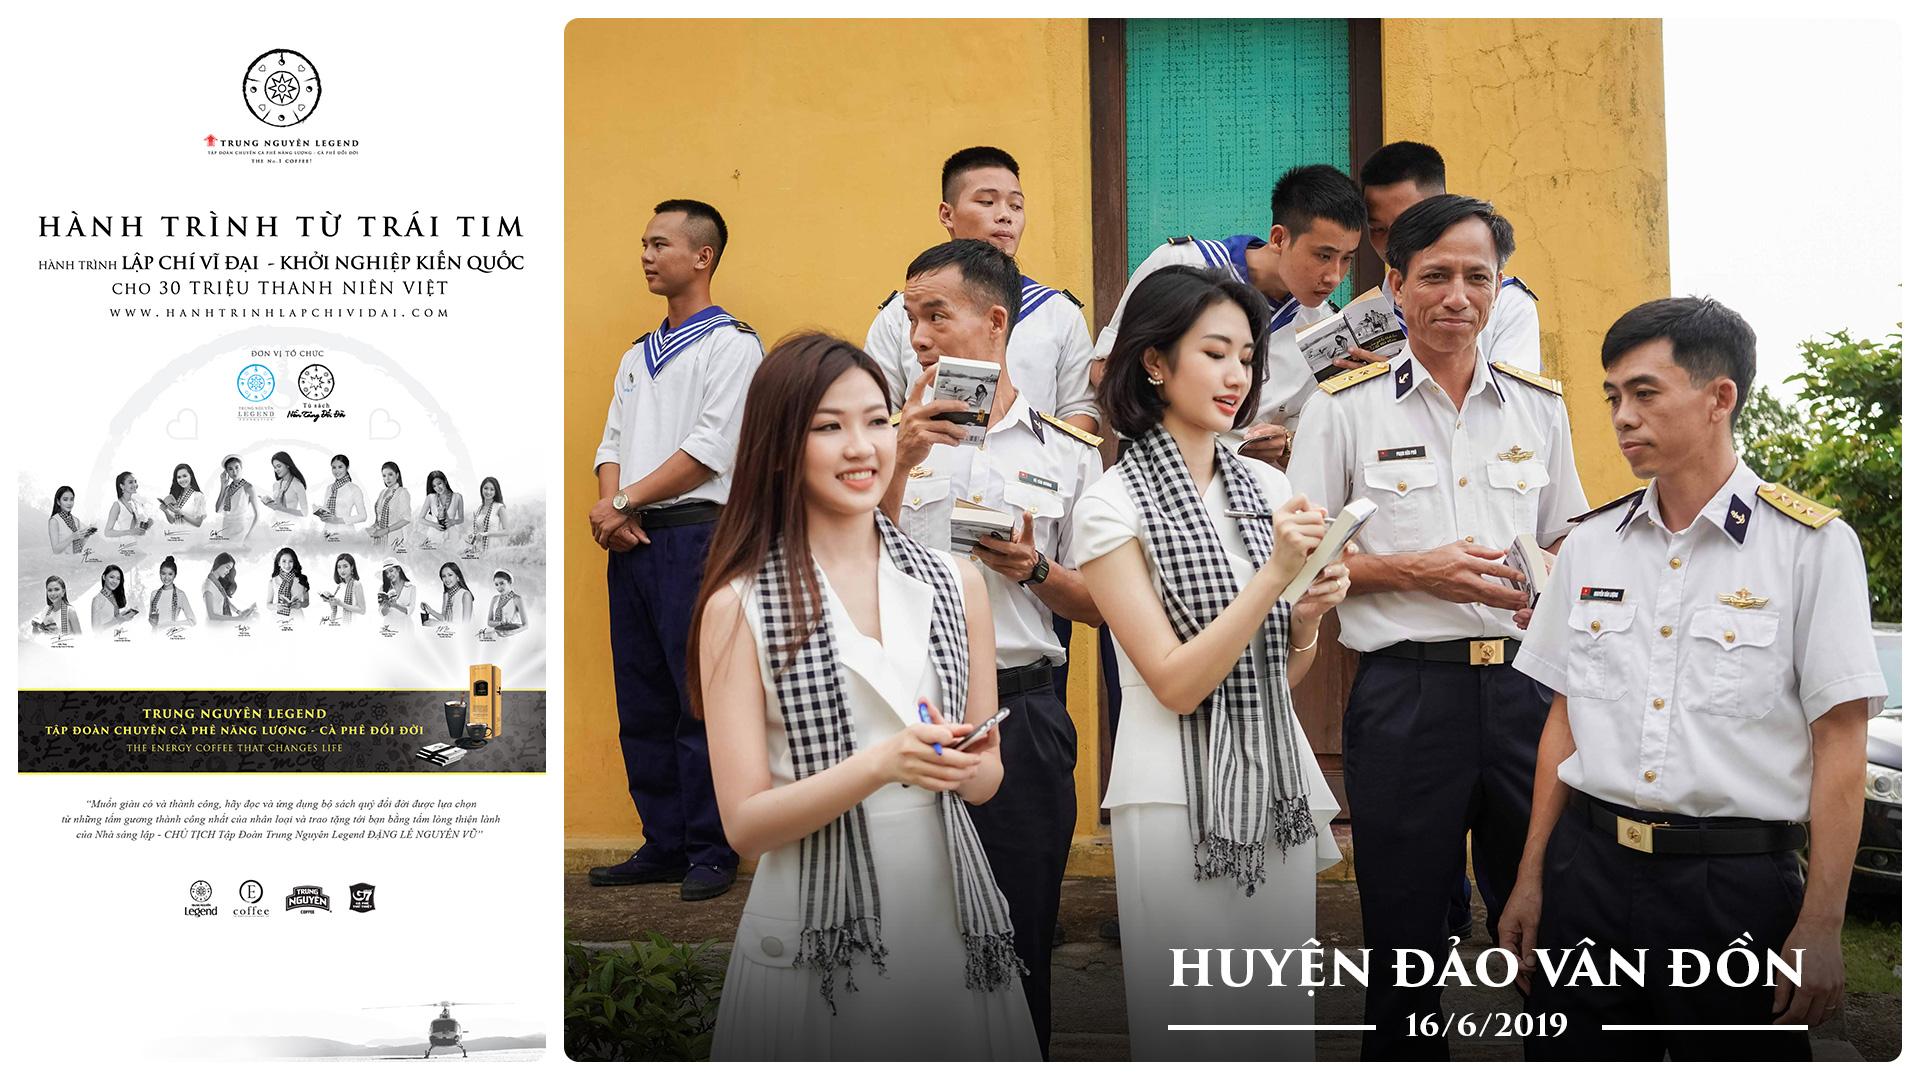 Hành trình Từ Trái Tim đến với chiến sĩ hải quân và bộ đội biên phòng tỉnh Quảng Ninh